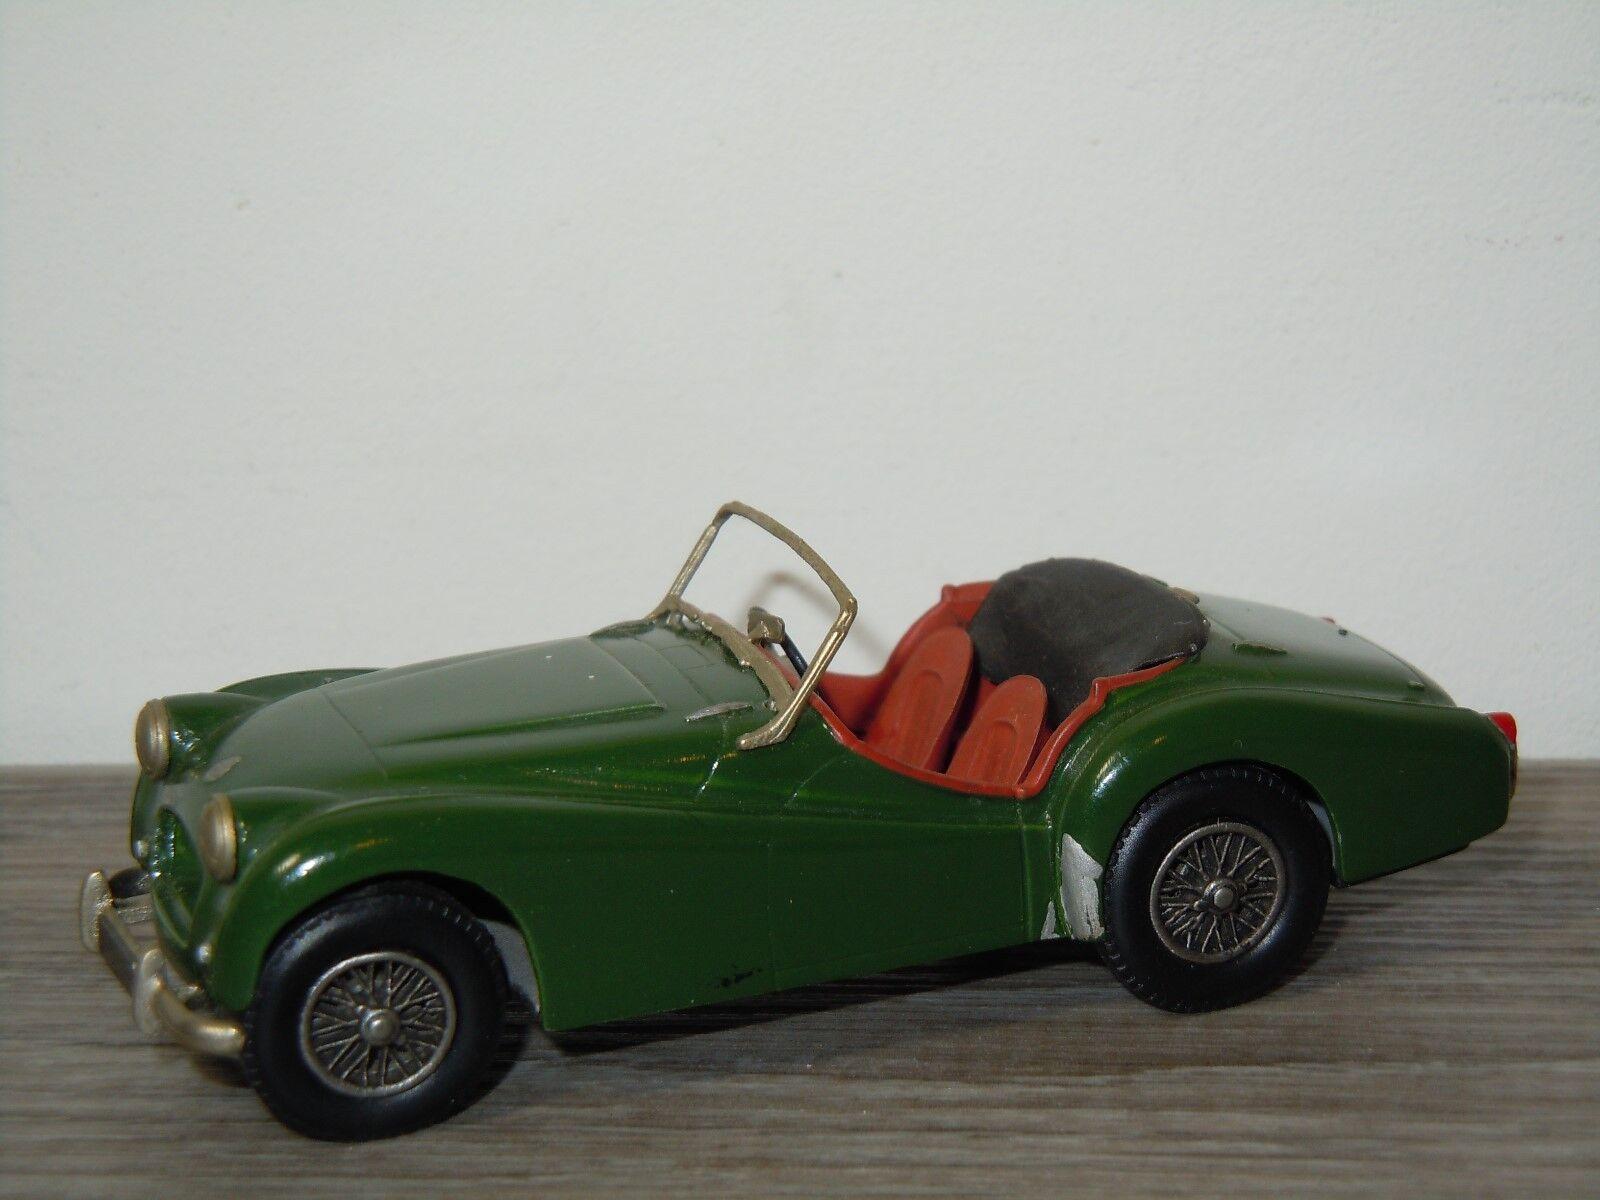 Triumph TR2 - 3 - 3a 3a 3a van K&R Replicas England 1 43 24802 7dc7b6